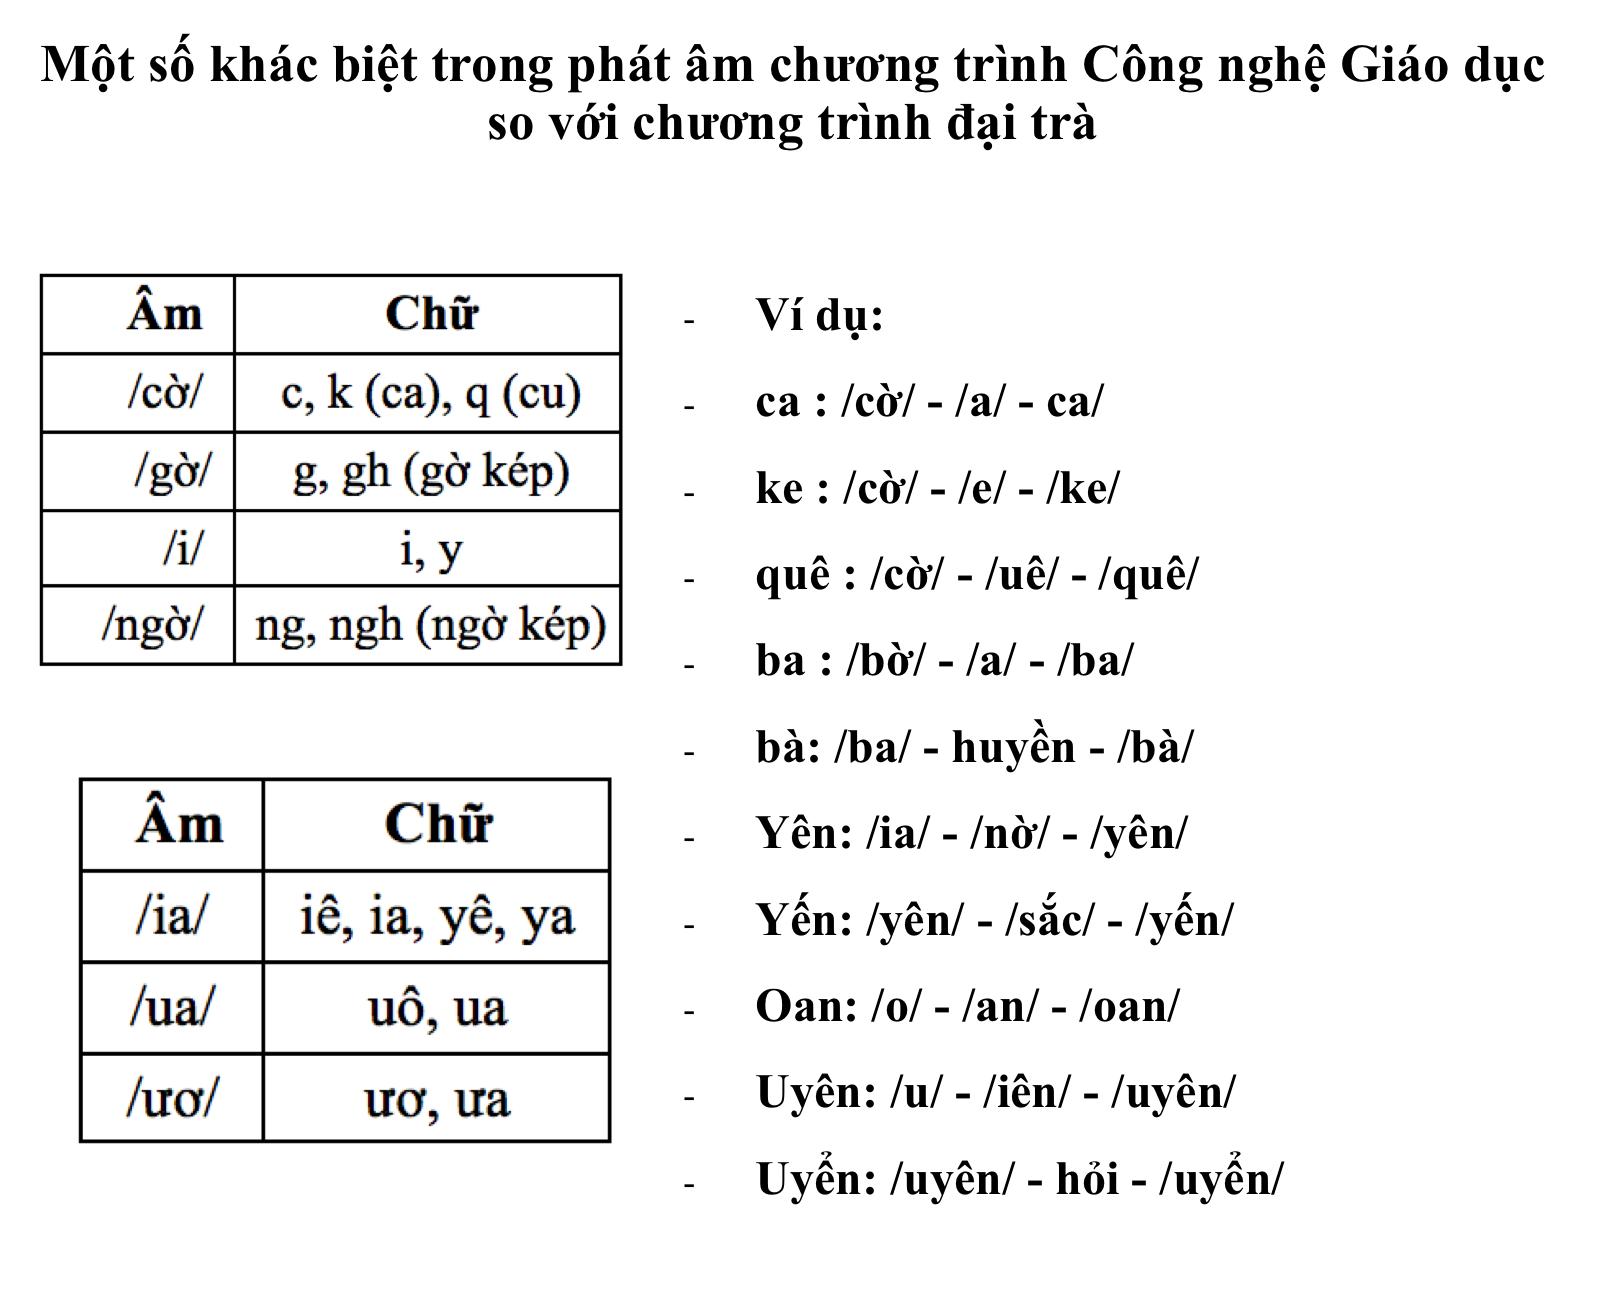 Giáo viên cũng tranh cãi về cách đánh vần Tiếng Việt theo sách Công nghệ giáo dục - Ảnh 2.